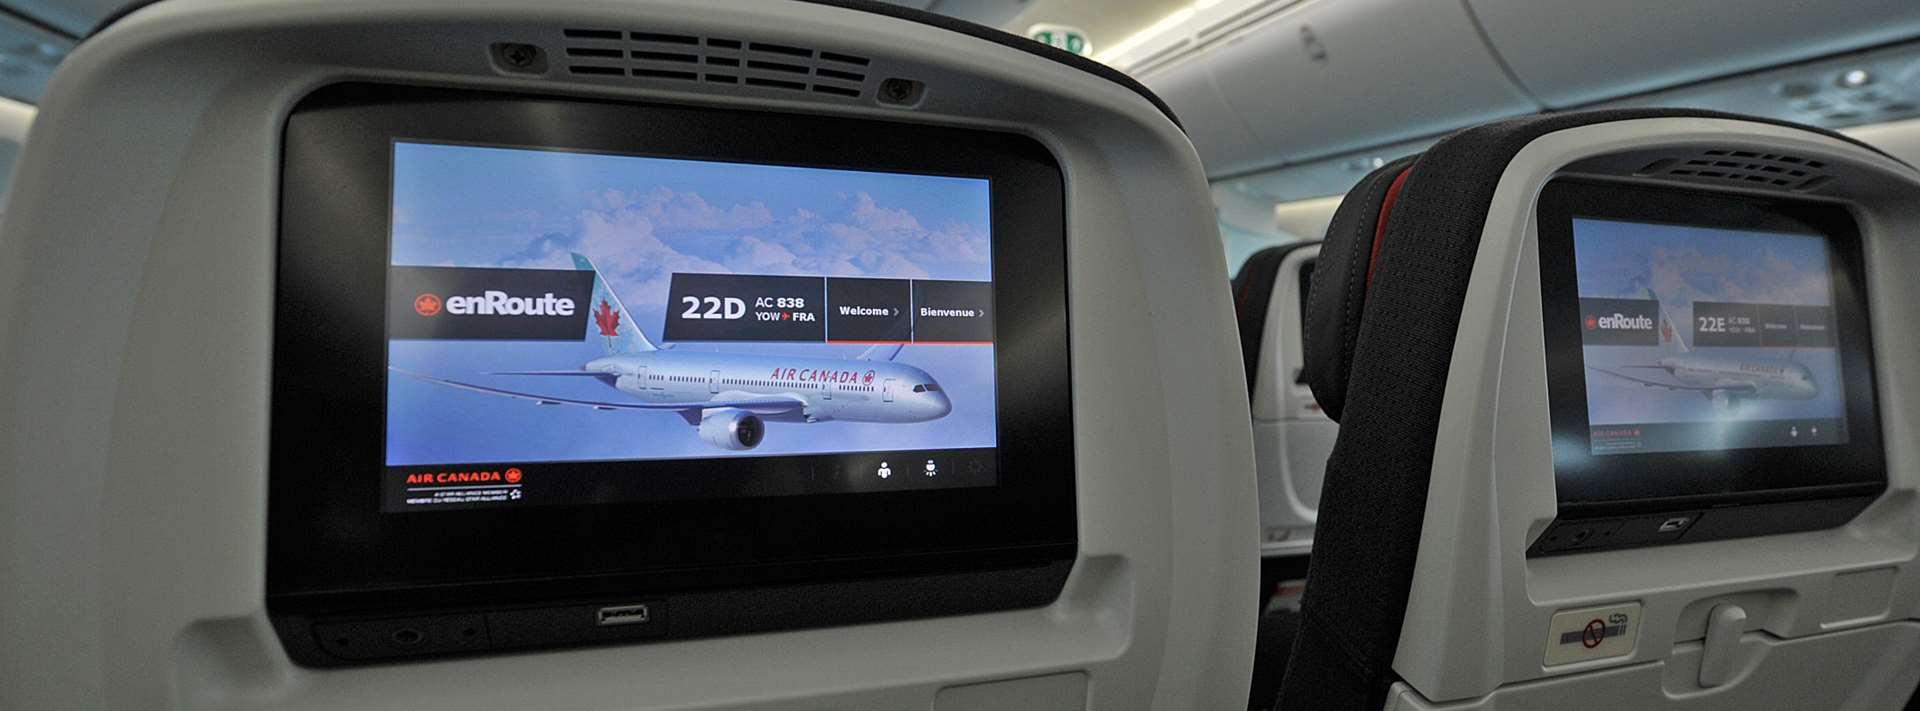 Air Canada Flights Netflights